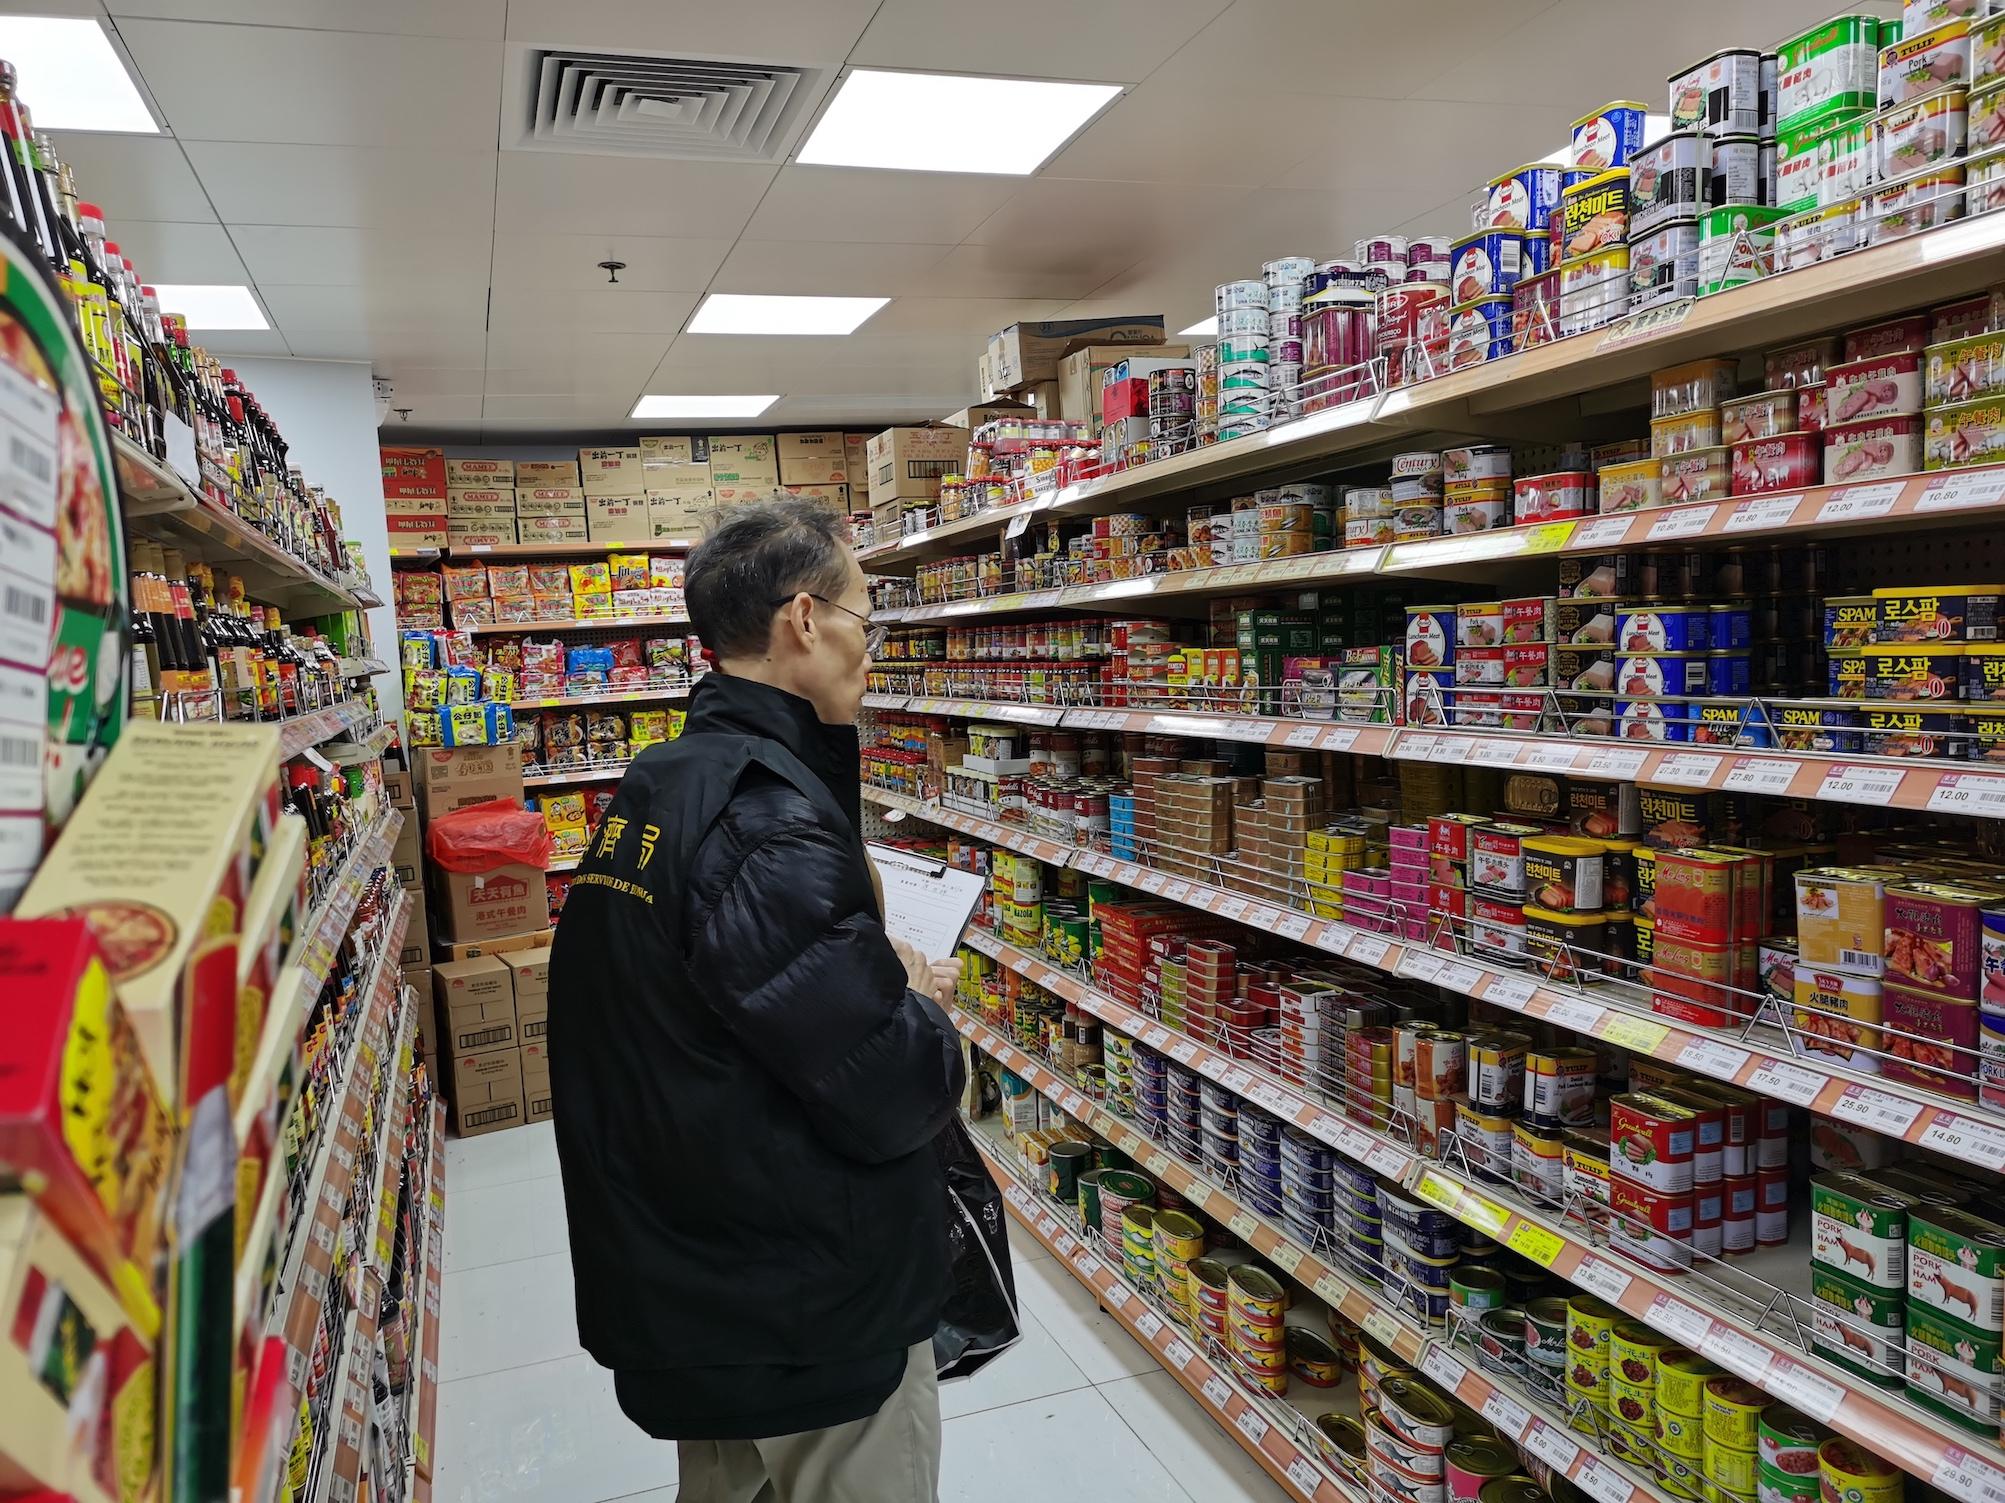 Consumo | Poder do Povo sugere eleição de fiscais